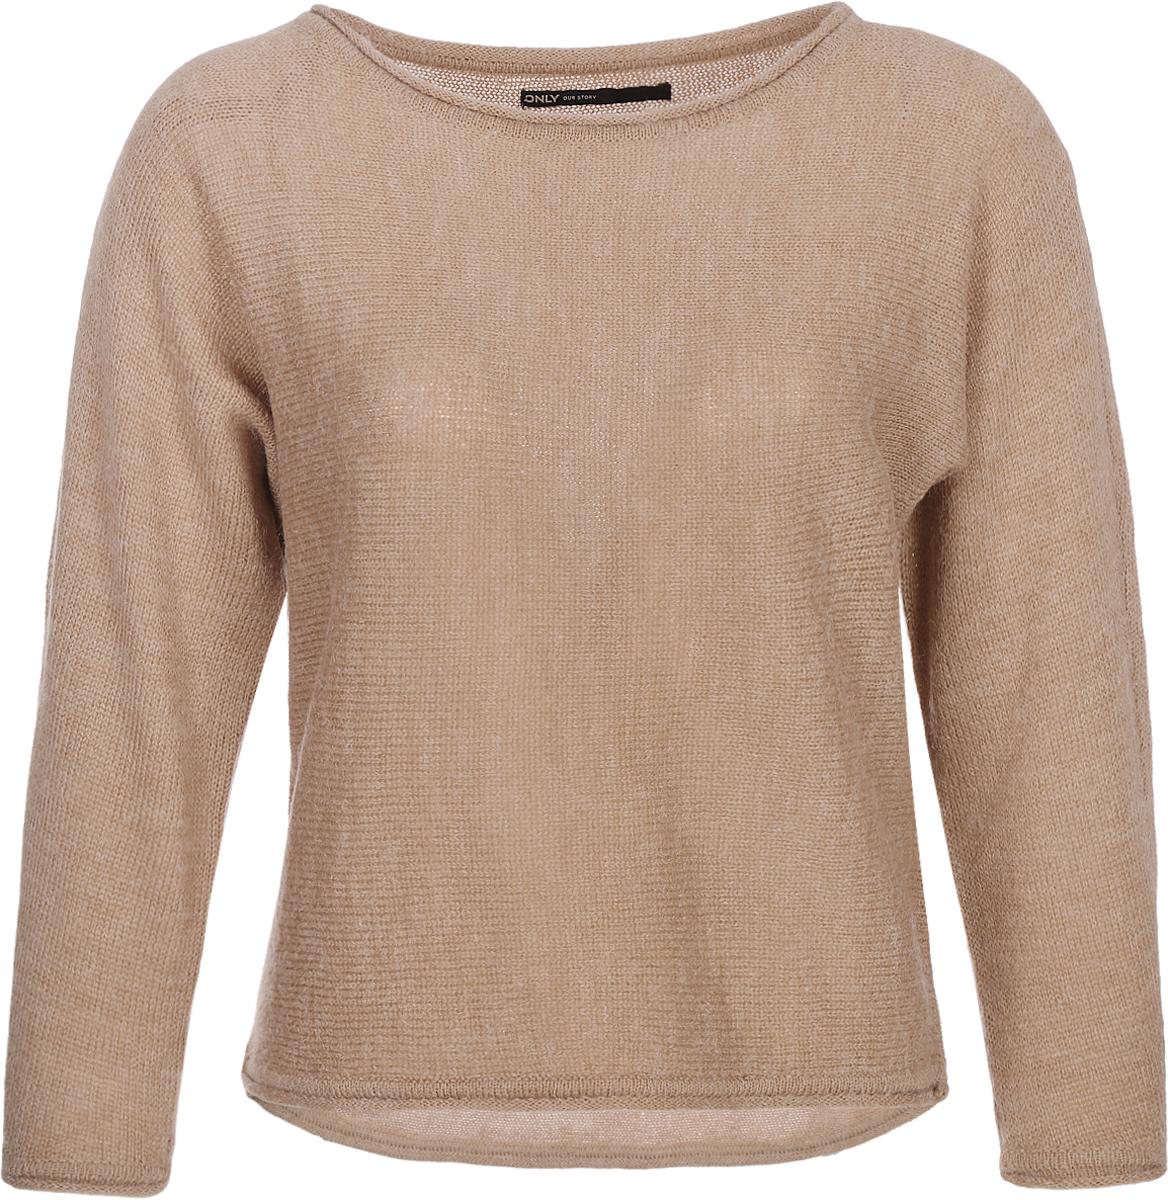 Джемпер женский Only, цвет: коричневый. 15139135_Indian Tan. Размер S (42/44) женский гардероб